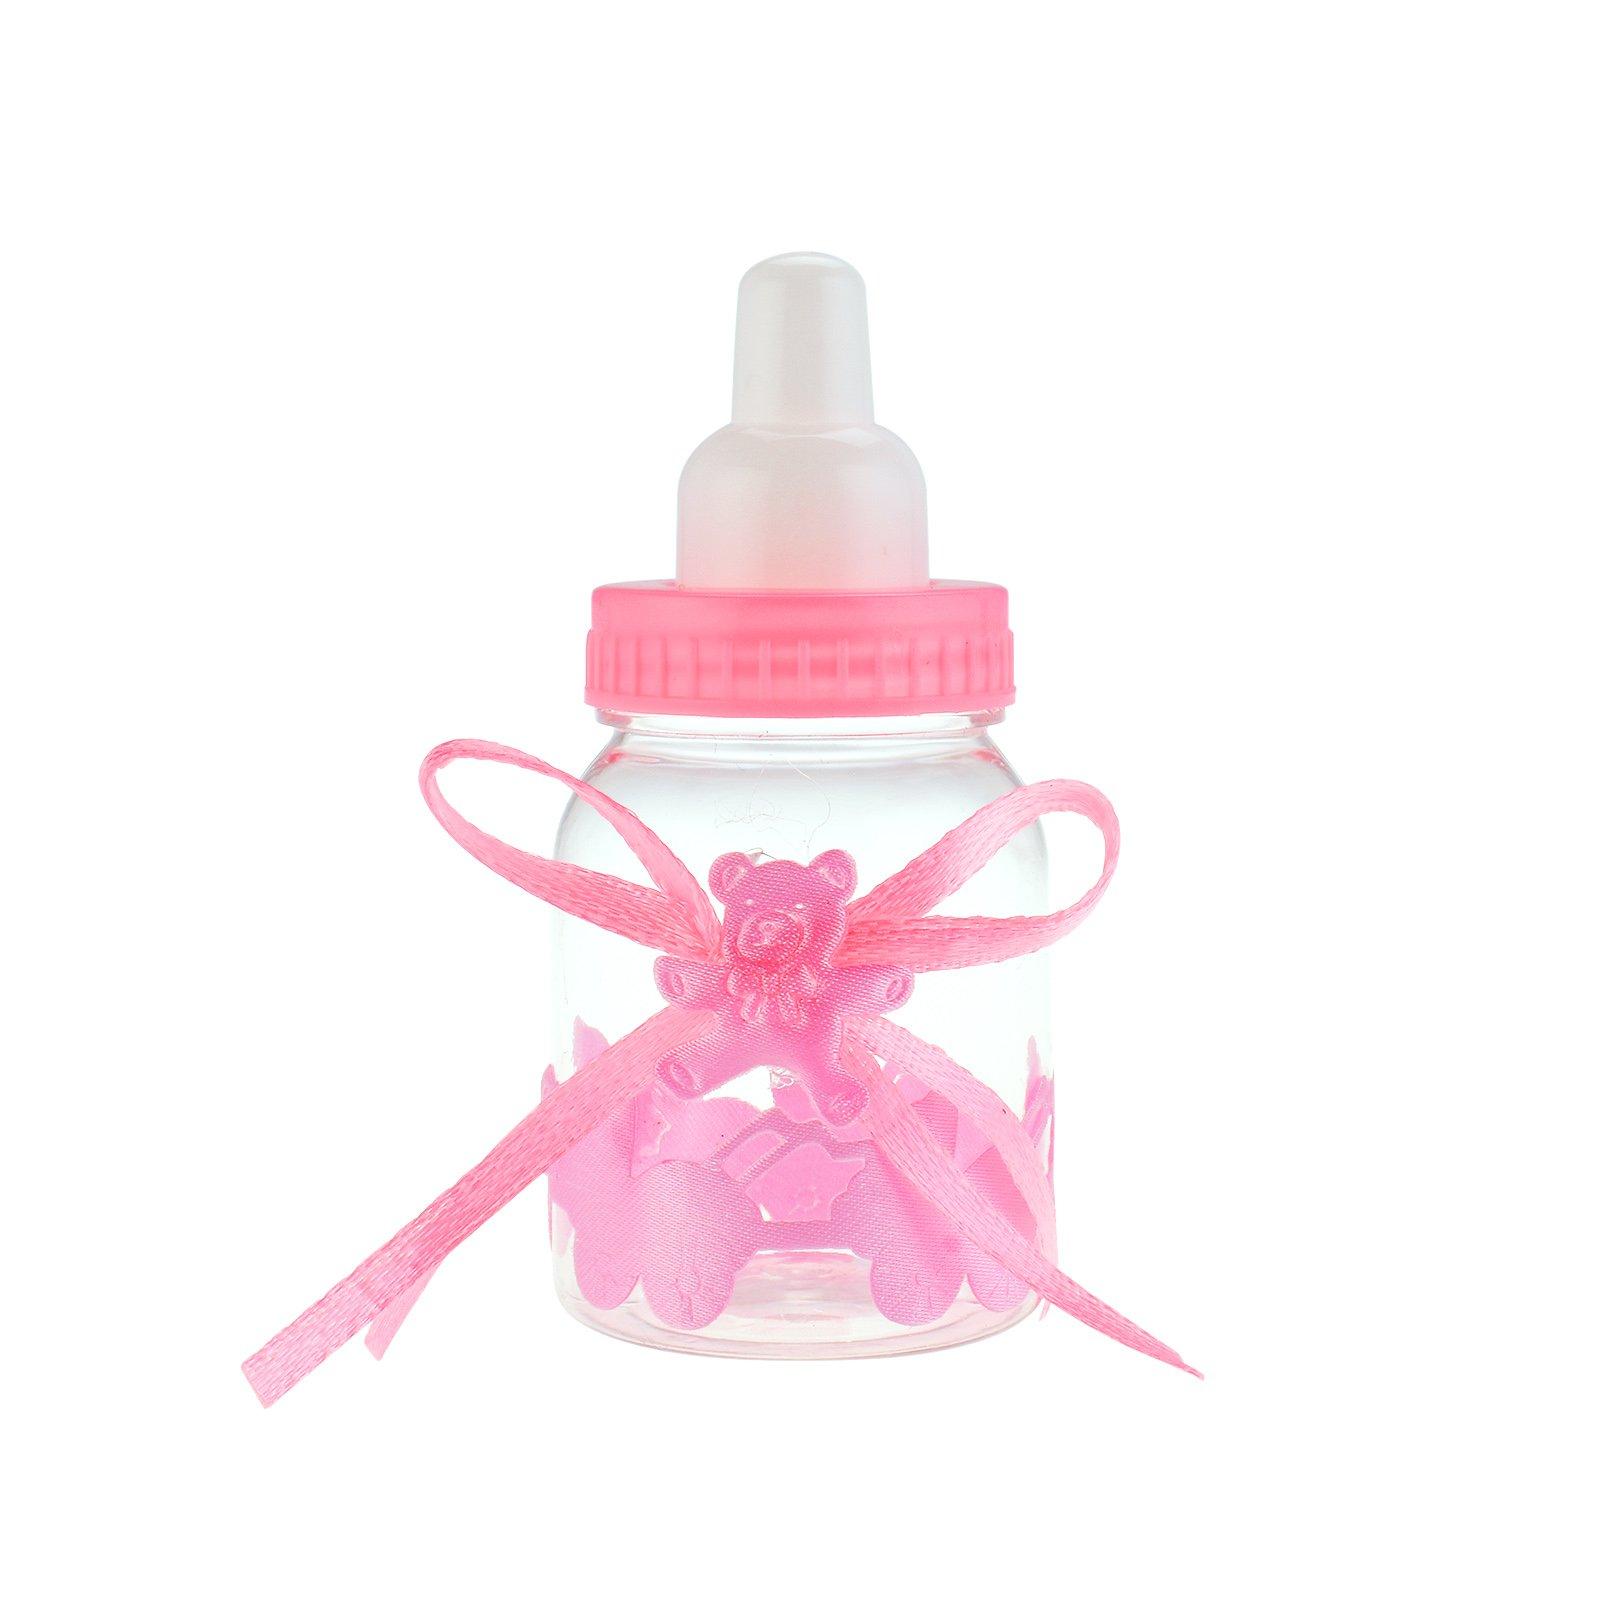 KMALL Rosa Biberon Portaconfetti Vasetto Caramelle Forma Di Bambino bambina Bottiglia bottigliette P